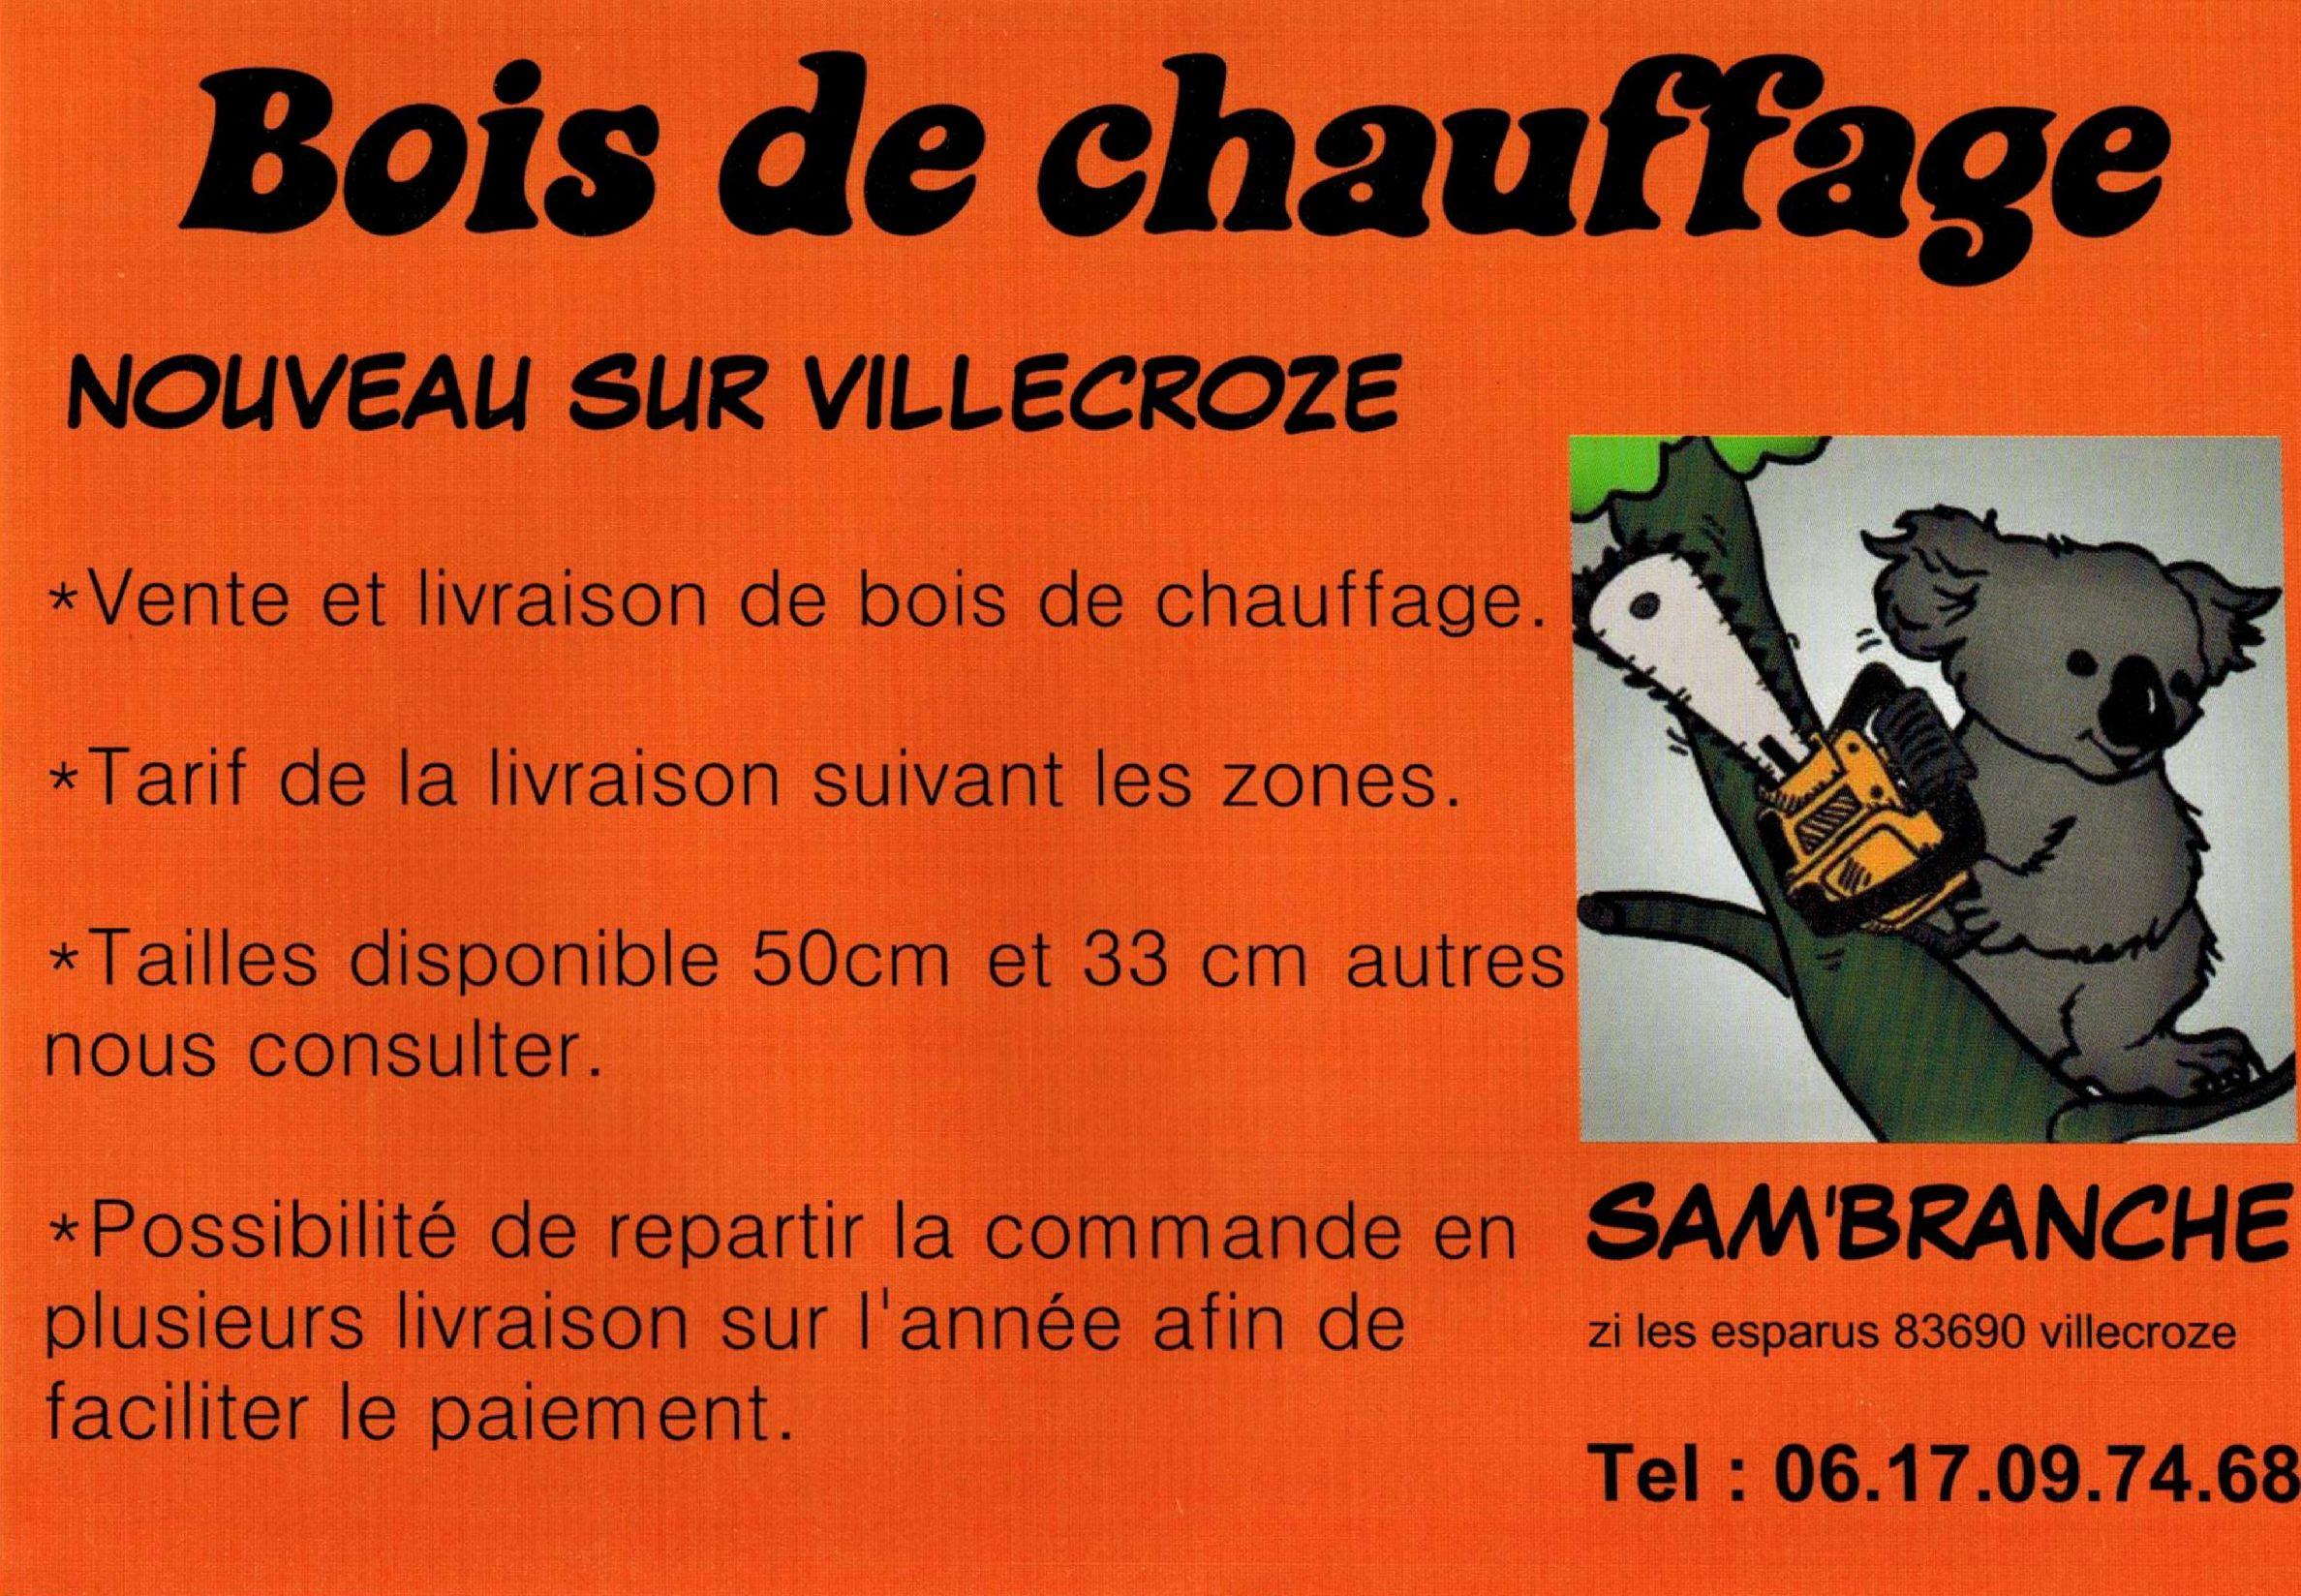 Billot De Bois De Chauffage : Bois de chauffage Brignoles 83170, les fournisseurs de b?ches